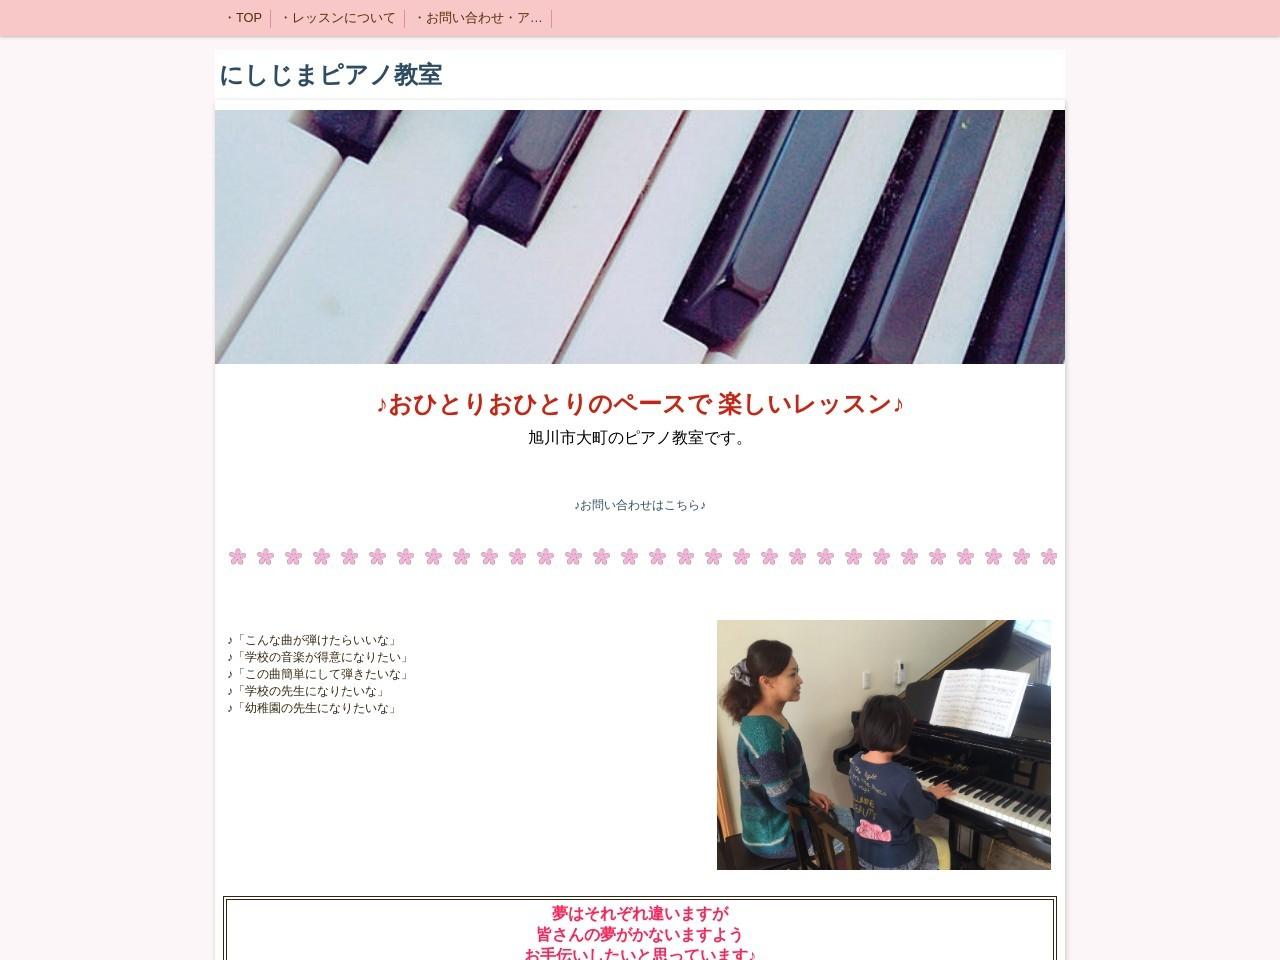 にしじまピアノ教室のサムネイル